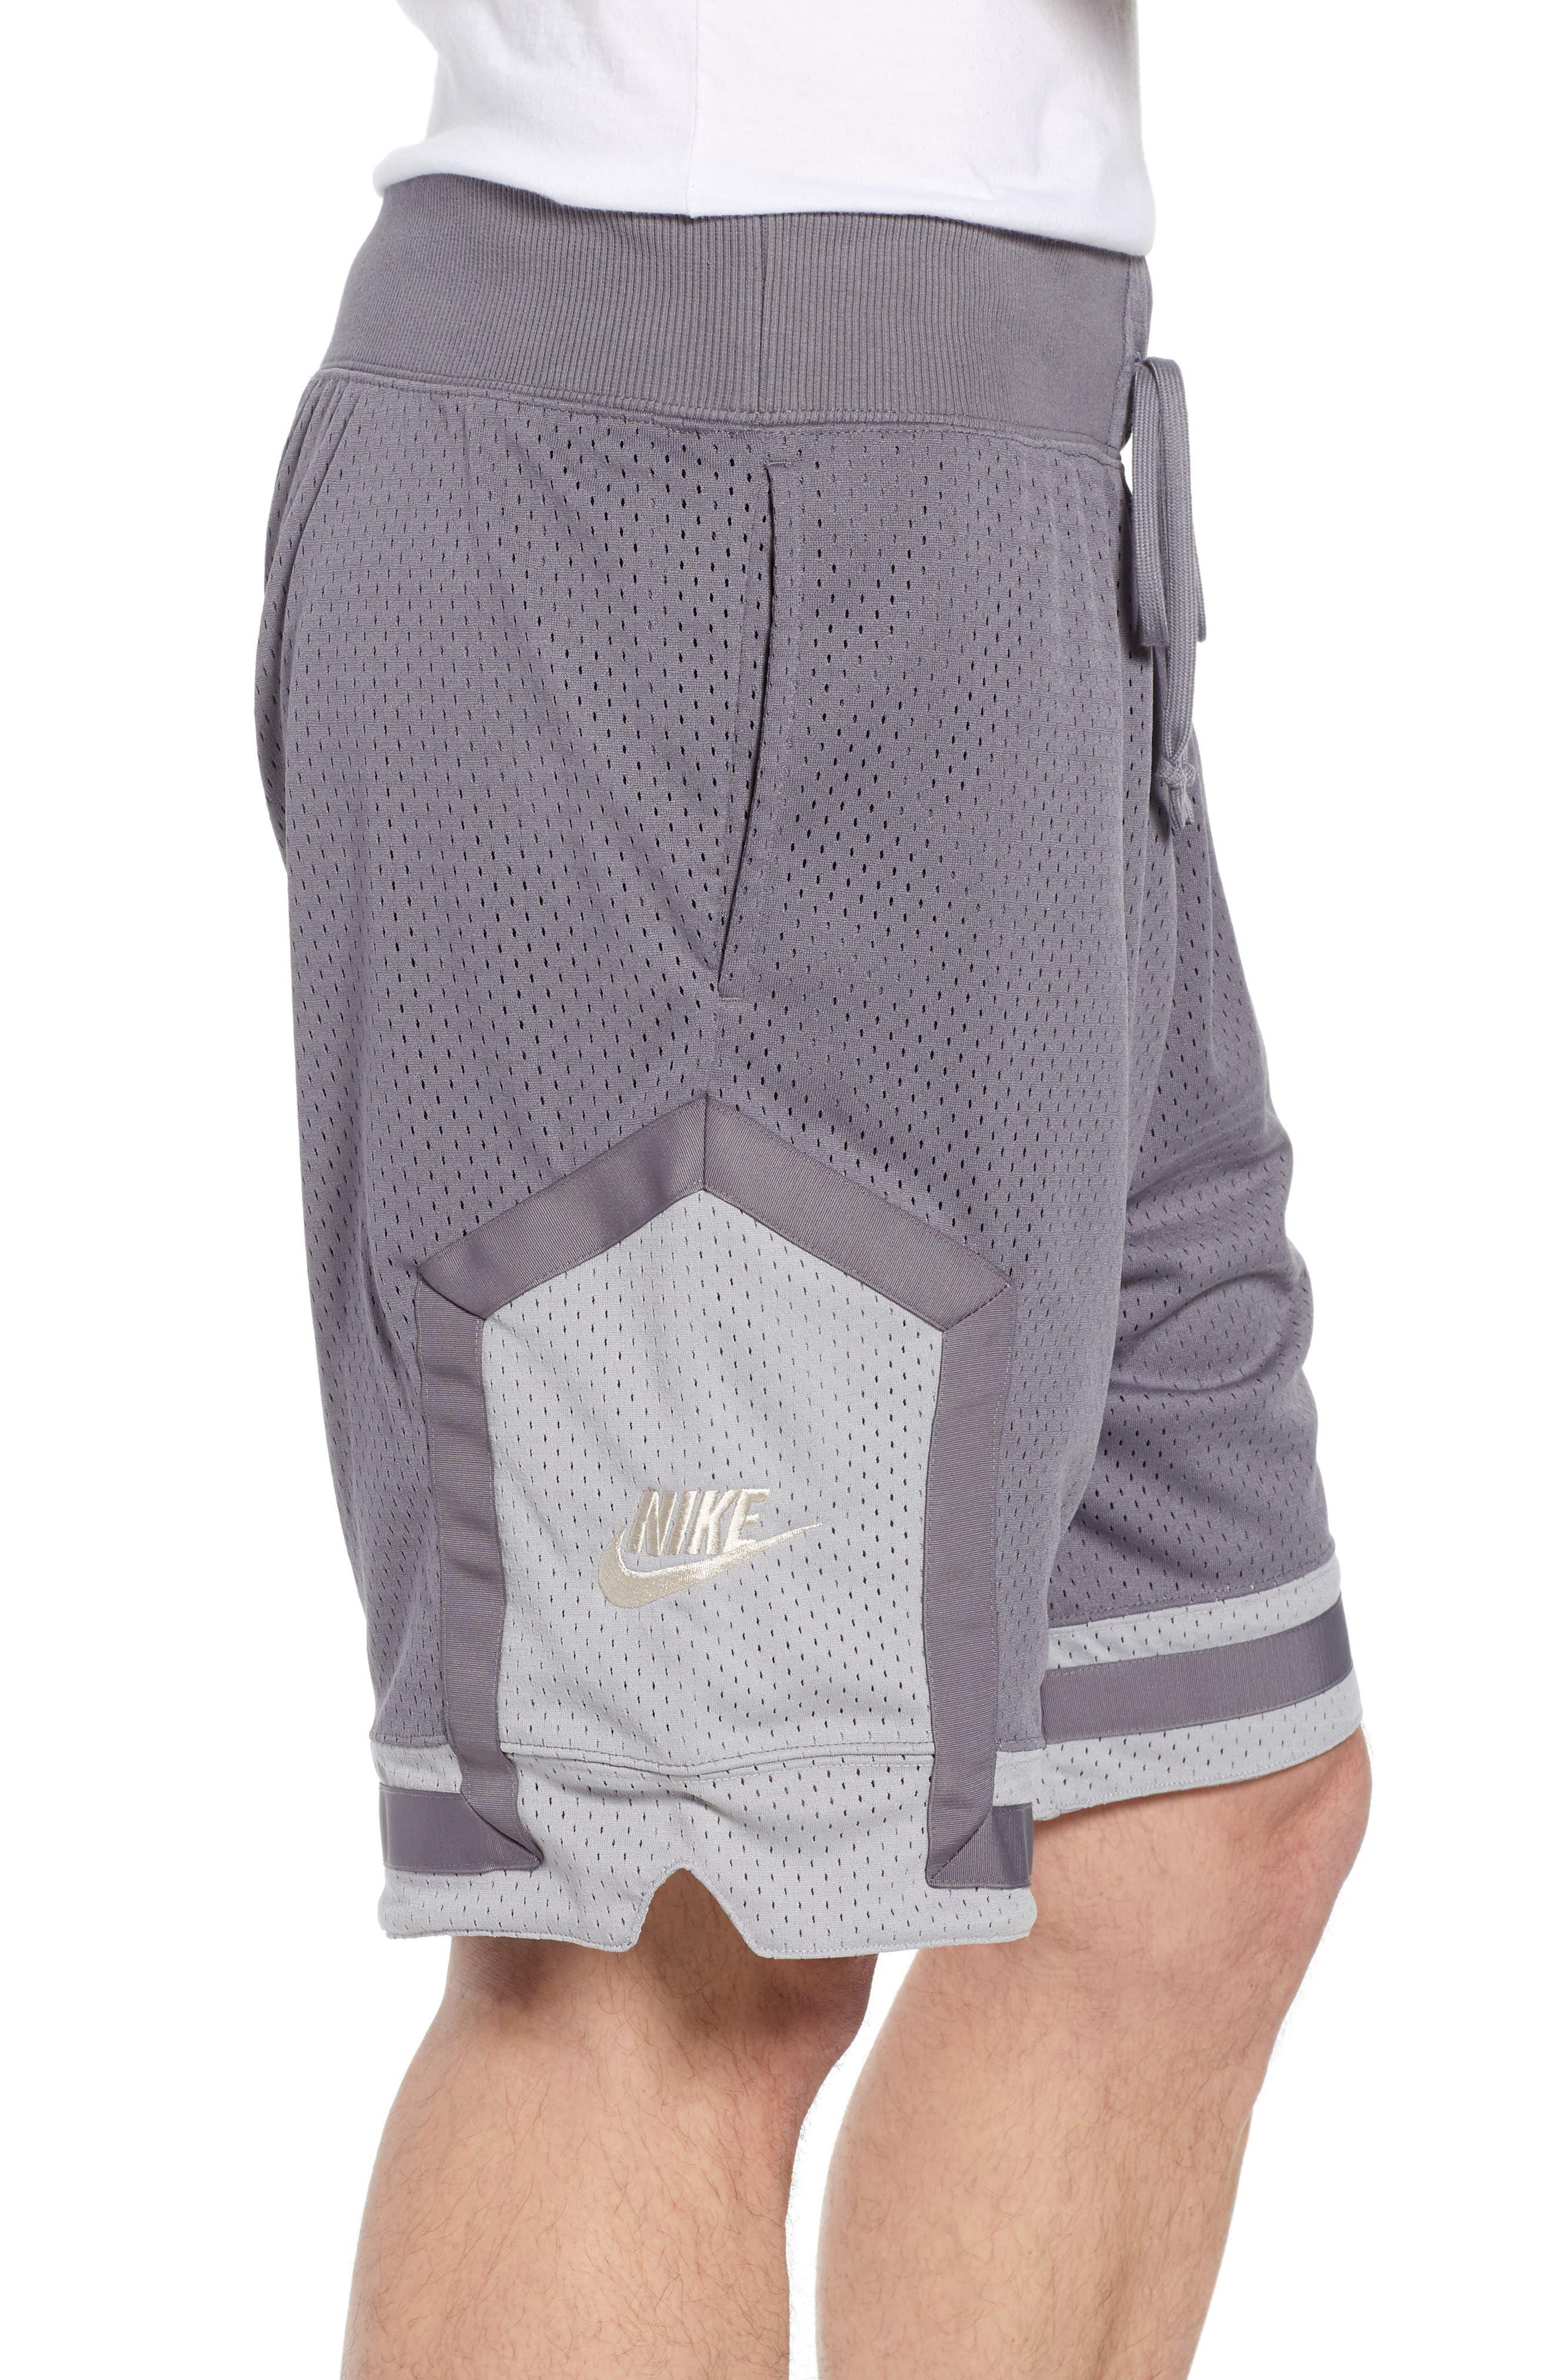 NSW AF1 Shorts,                             Alternate thumbnail 3, color,                             GUNSMOKE/ GREY/ OREWOOD